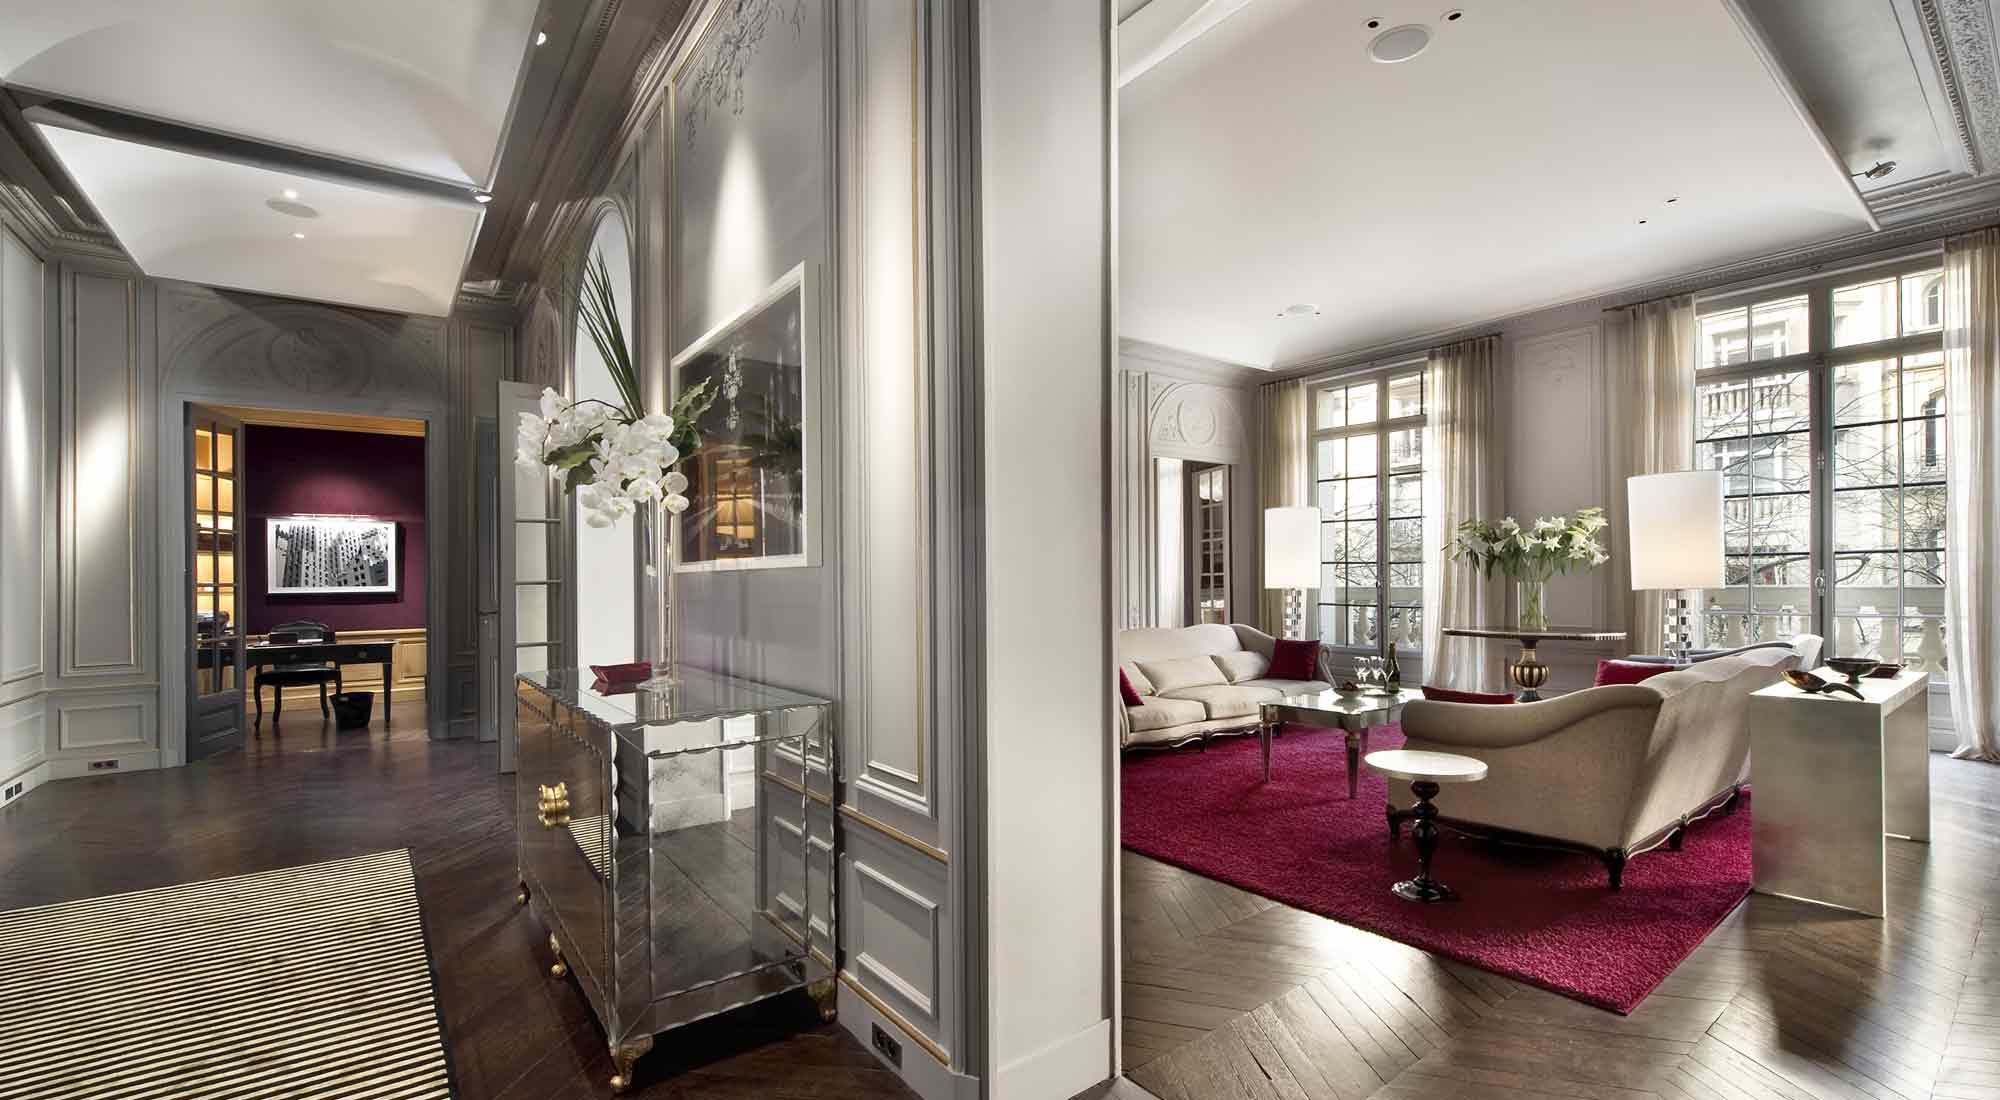 Le Poincar Paris luxury Apartment for Rent 16th  Casol Villas France